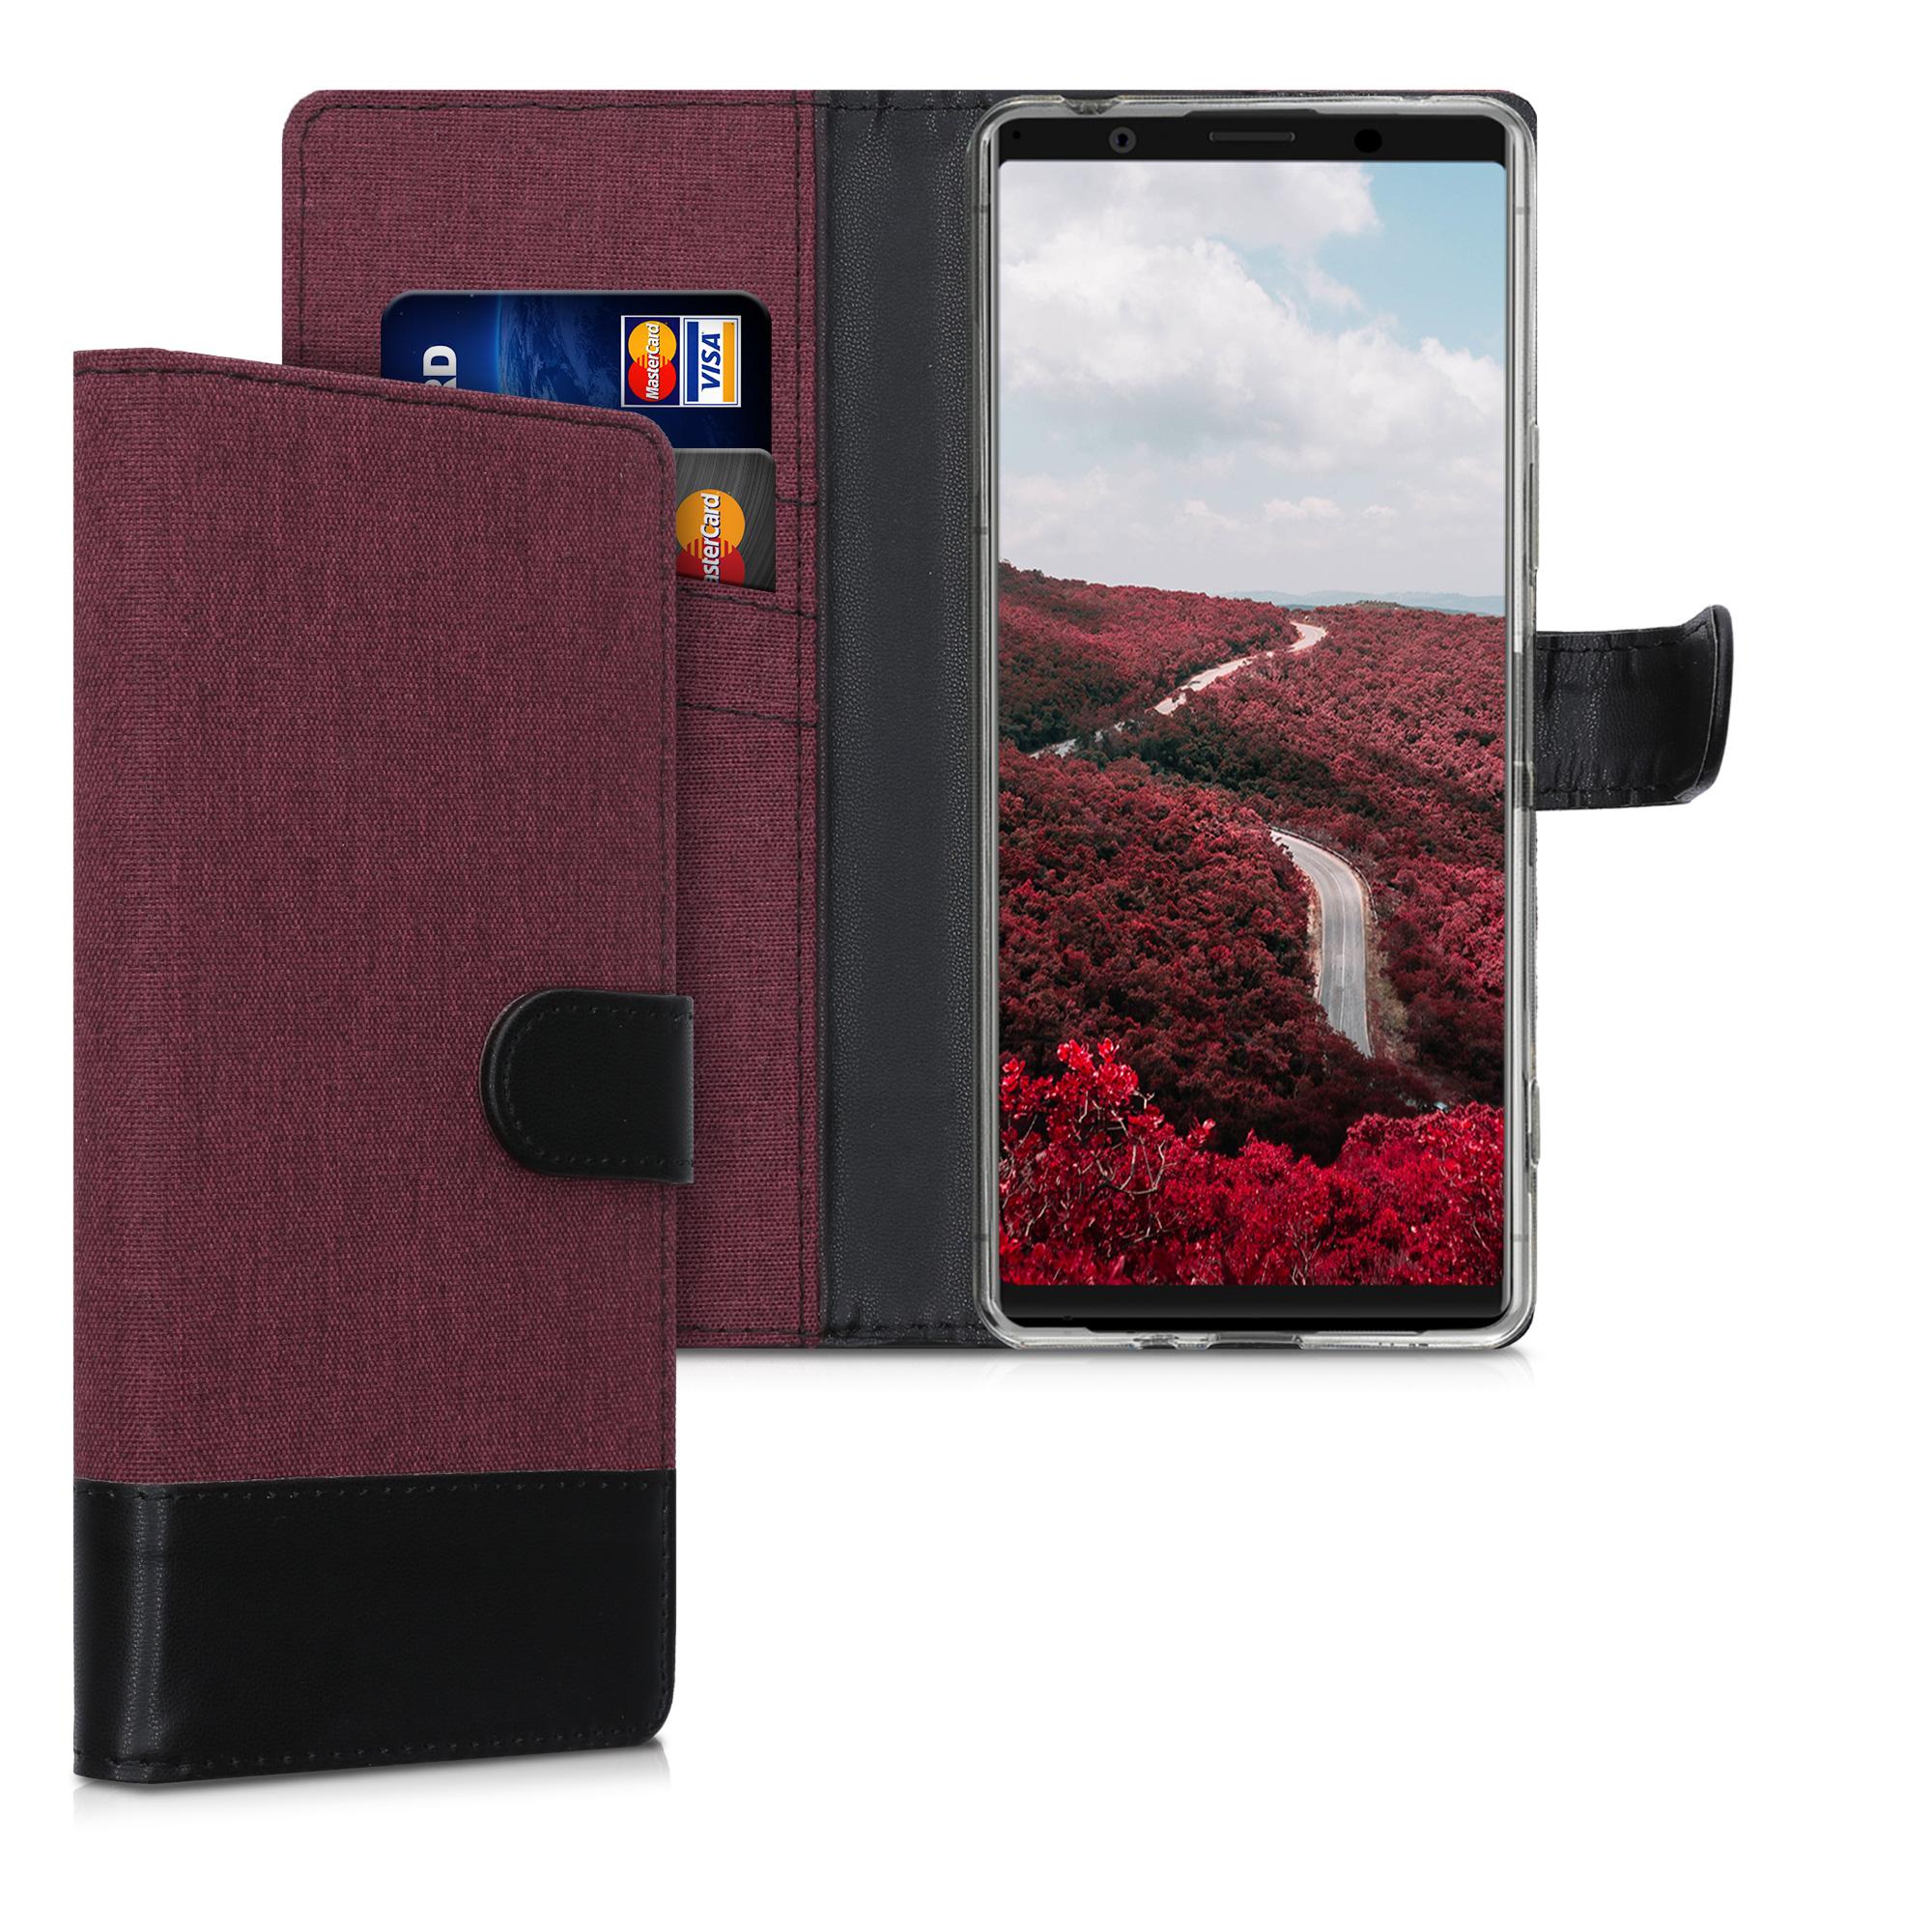 Textilní látkové pouzdro   obal pro Sony Xperia 1 II - tmavé červené / černé